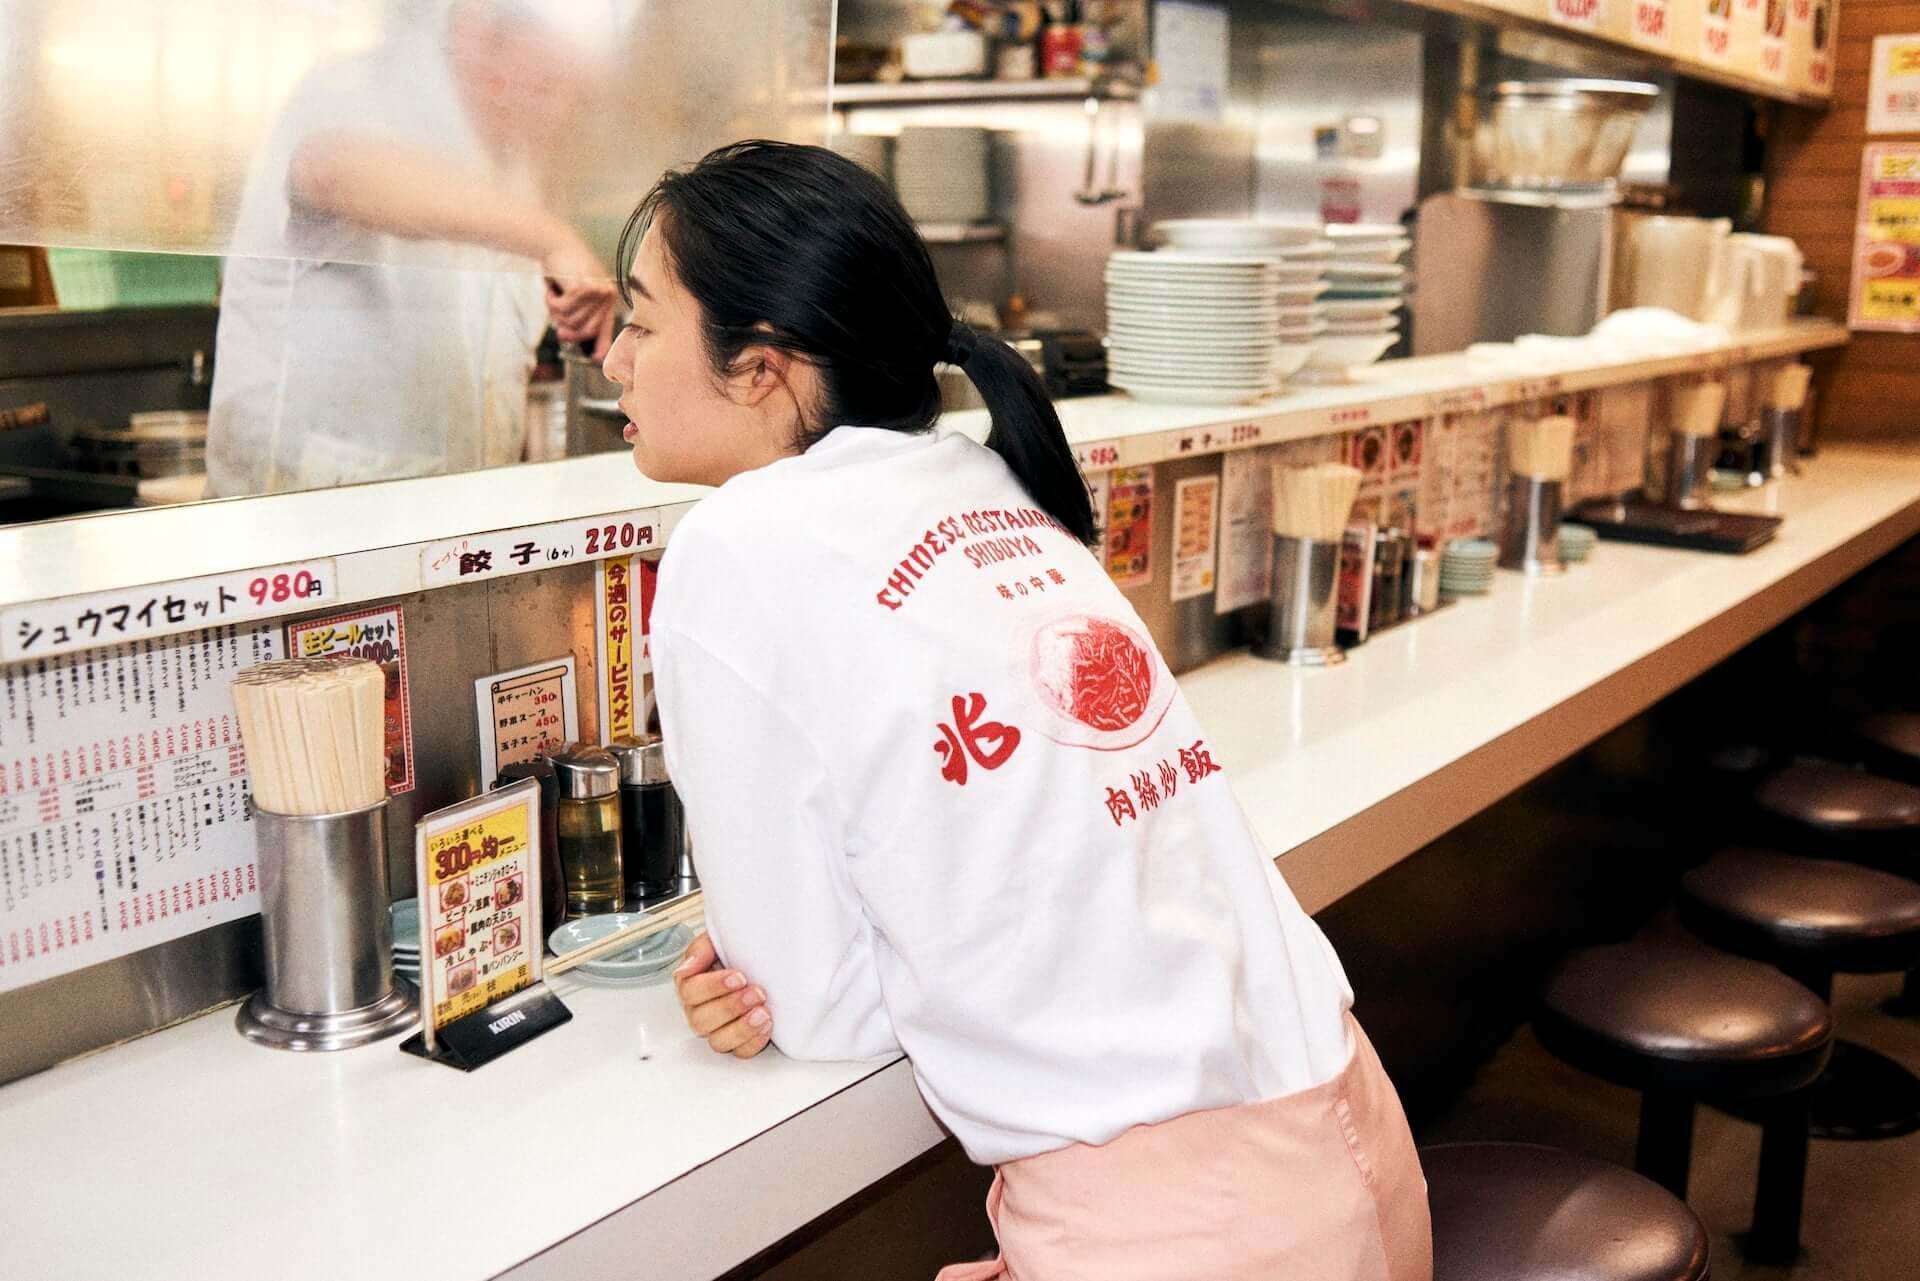 渋谷の街中華・兆楽とJOURNAL STANDARDがコラボ!Tシャツやキャップ、エコバッグが受注販売開始 lf210205_choraku-journalstandard_12-1920x1281